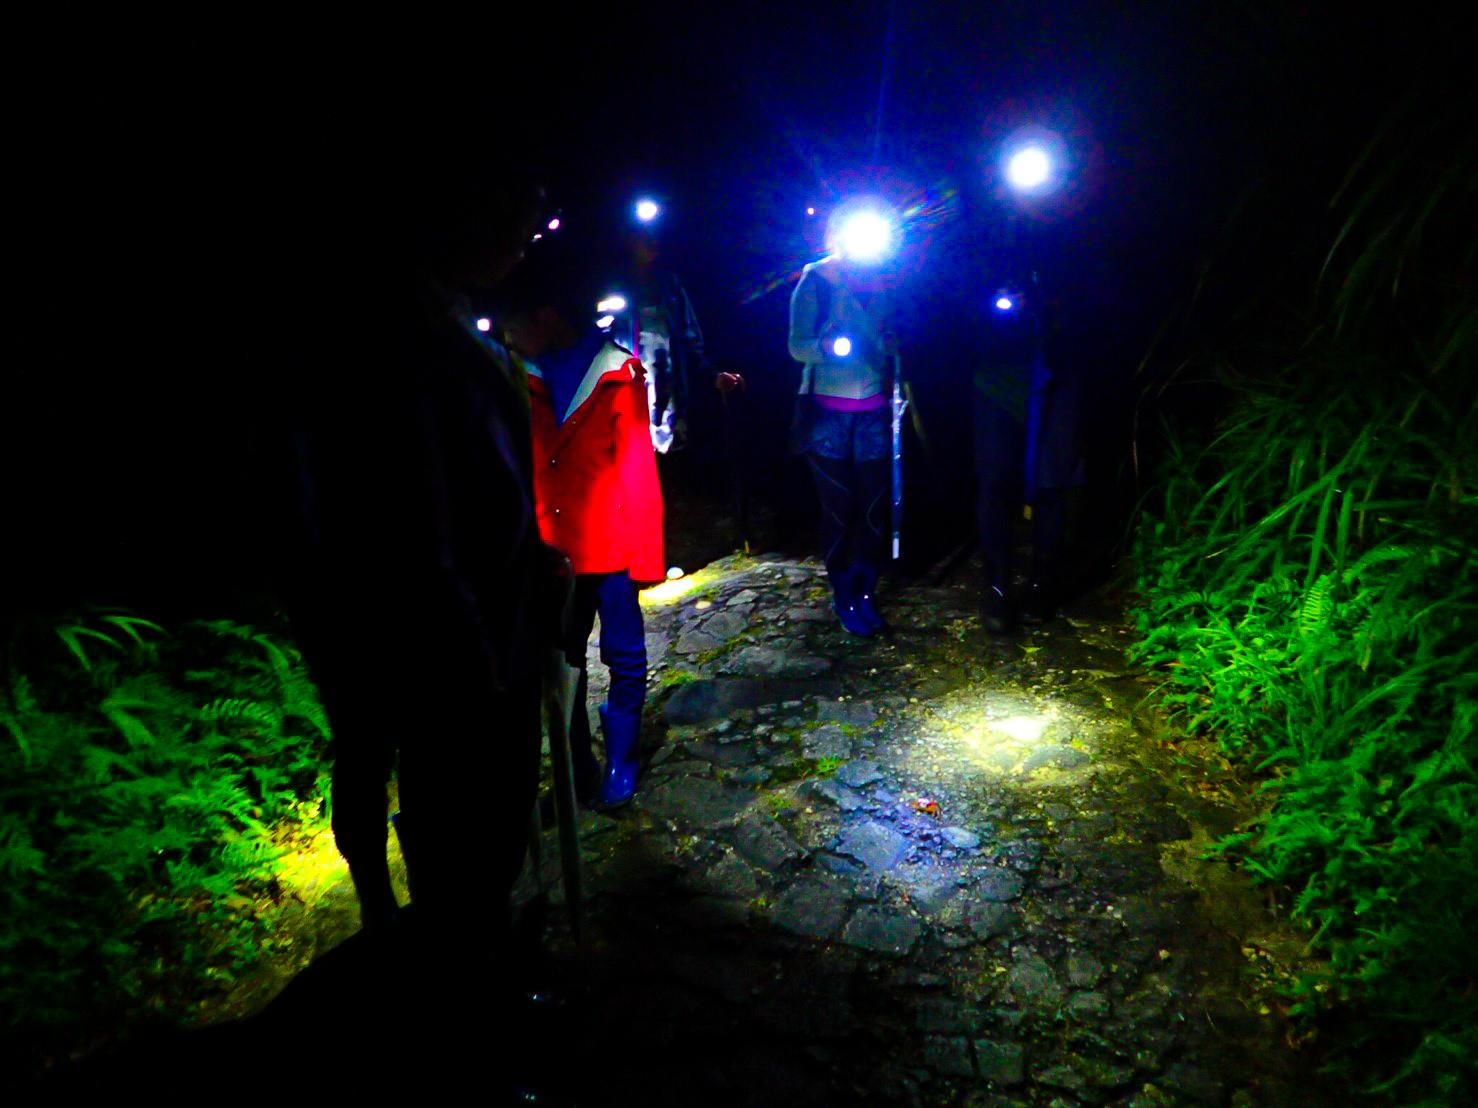 石垣島の星空観賞ツアーに参加の旅行客